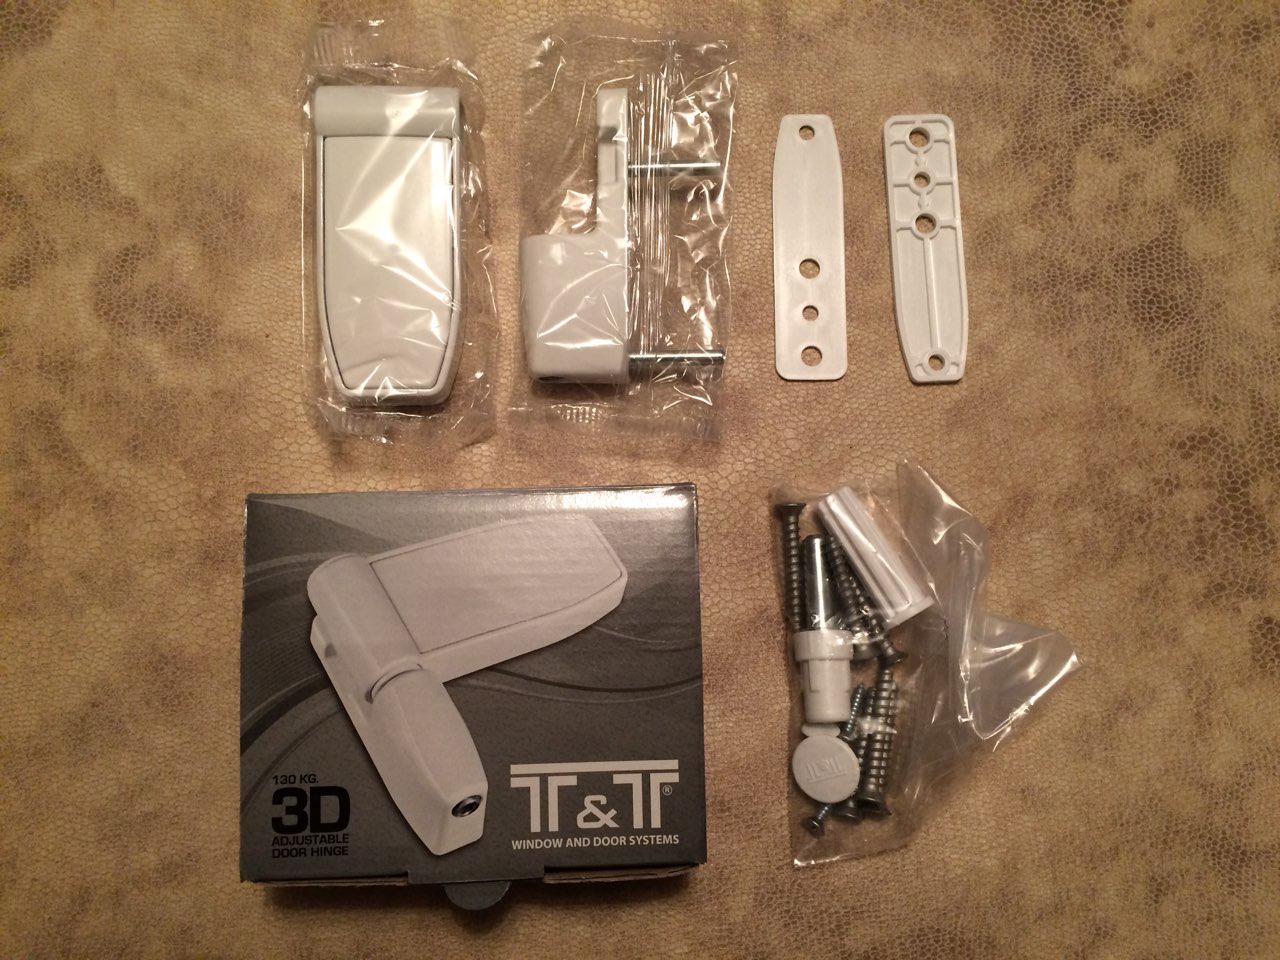 Петля для металлопластиковой двери T&T 3D 130 кг белая